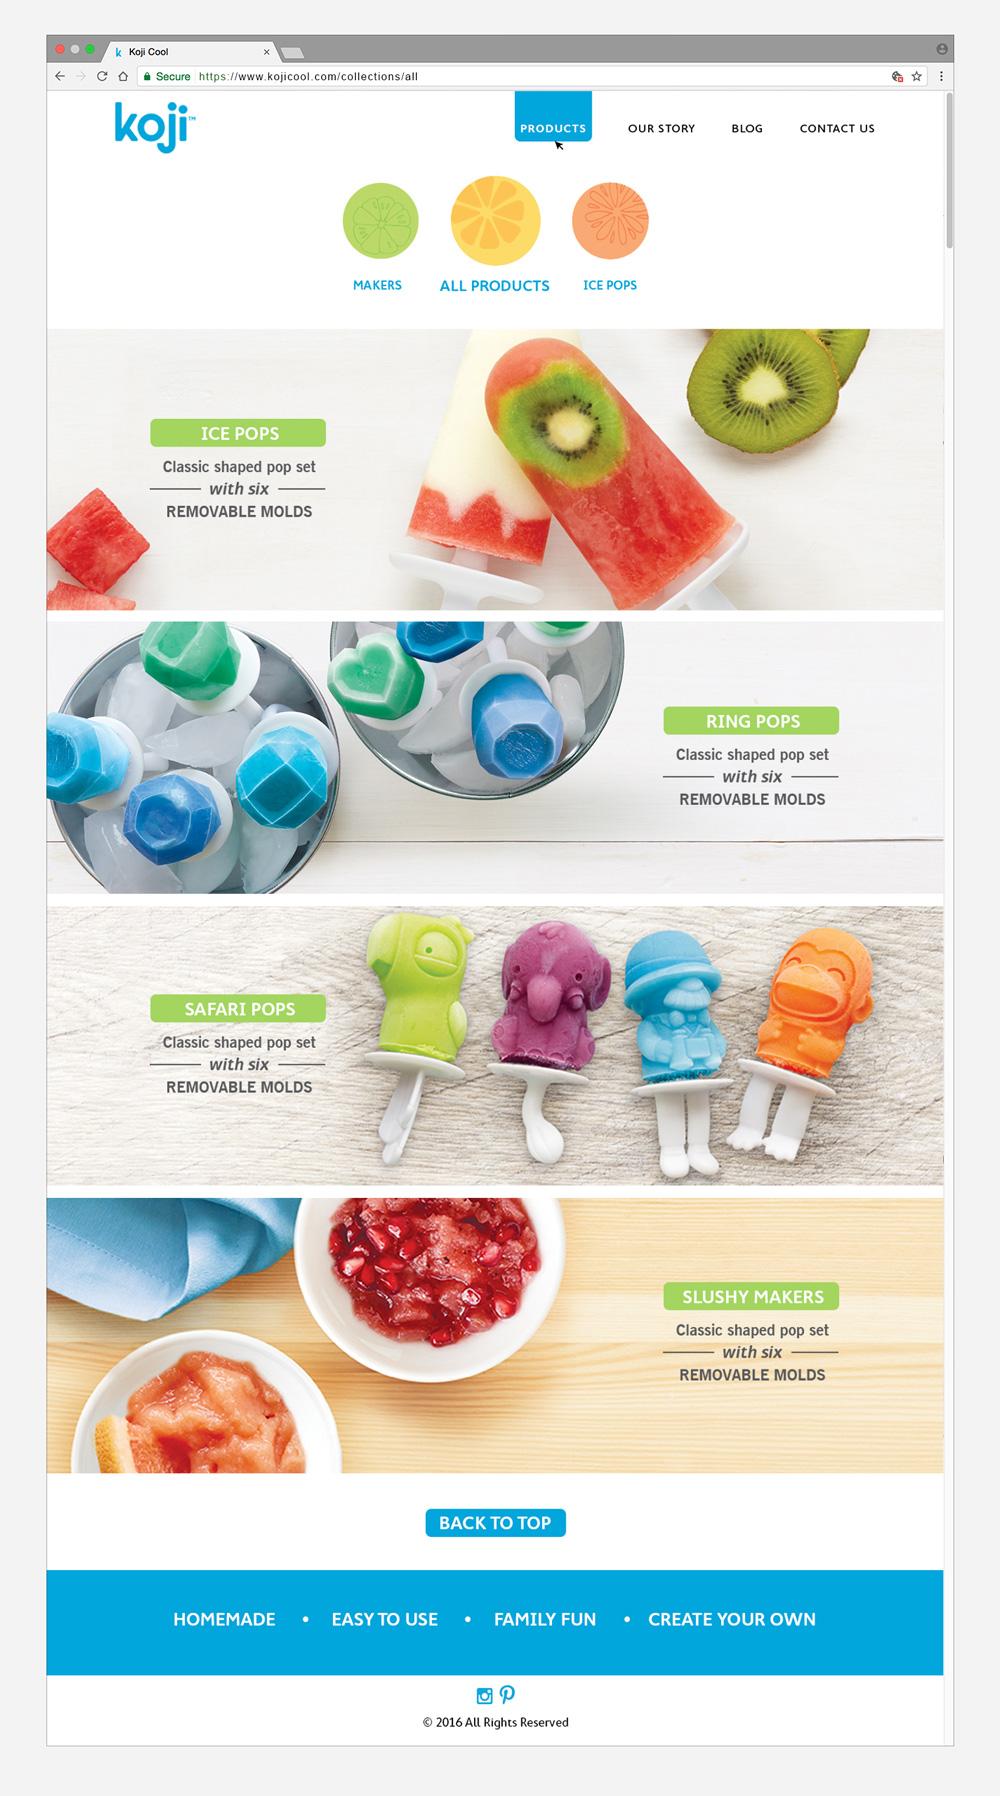 Koji_ProductPage.jpg